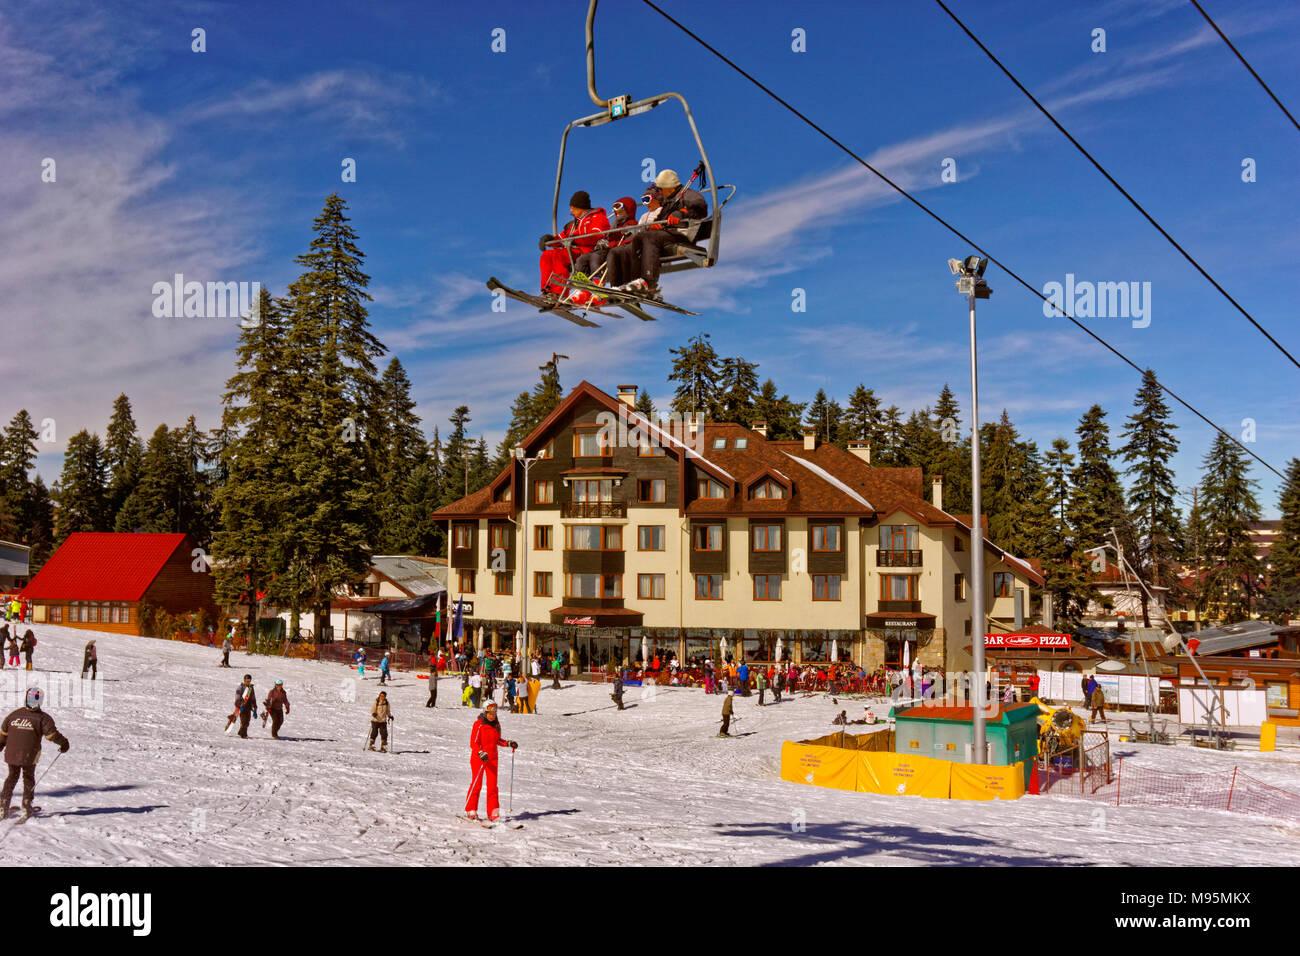 Hotel Ice Angels e Martinovi Baraki seggiovia a Borovets Ski Resort, Targovishte, Bulgaria. Immagini Stock